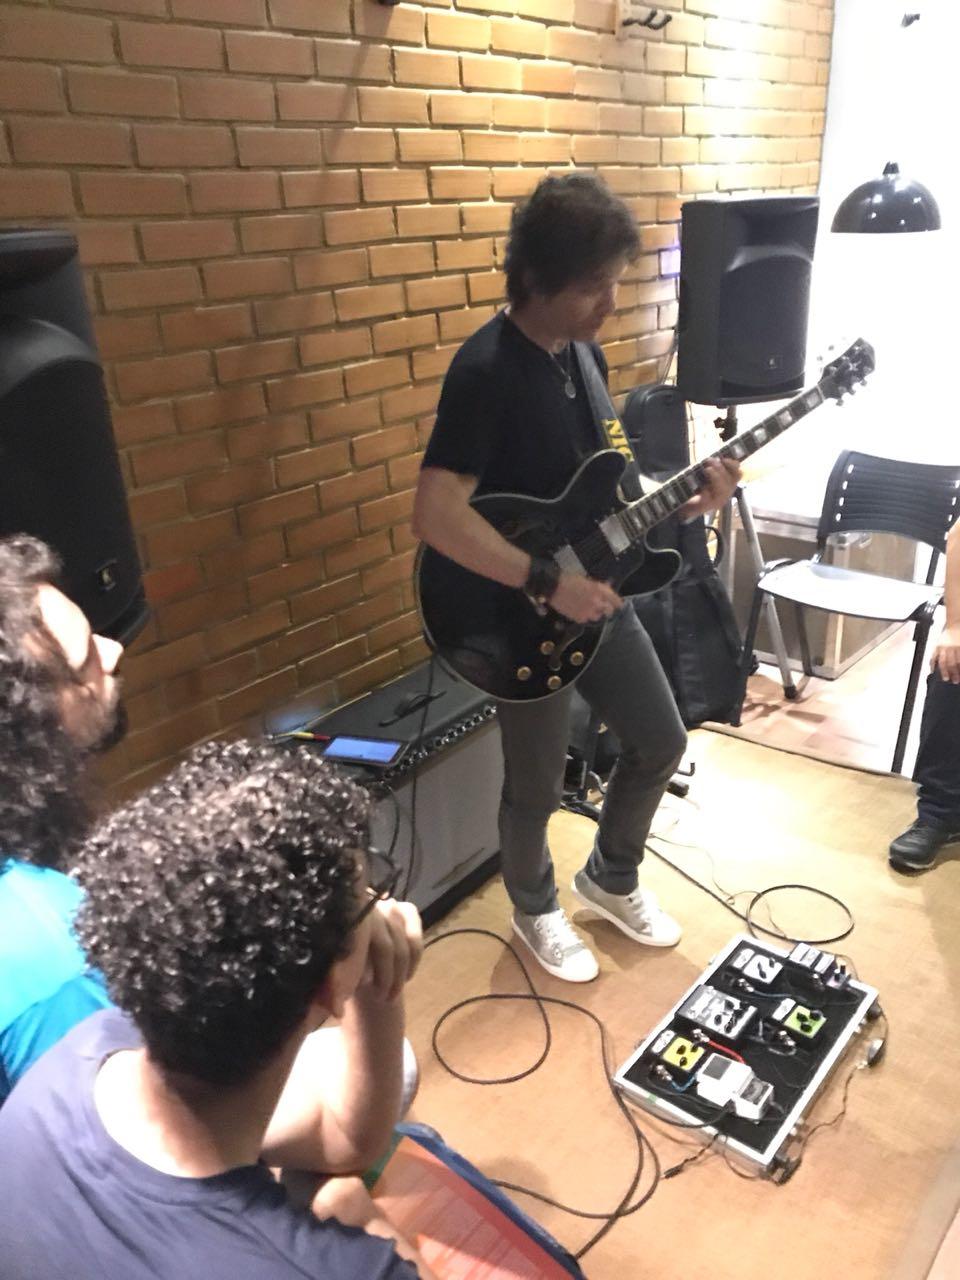 Starling-Escola-de-Musica-22.jpeg